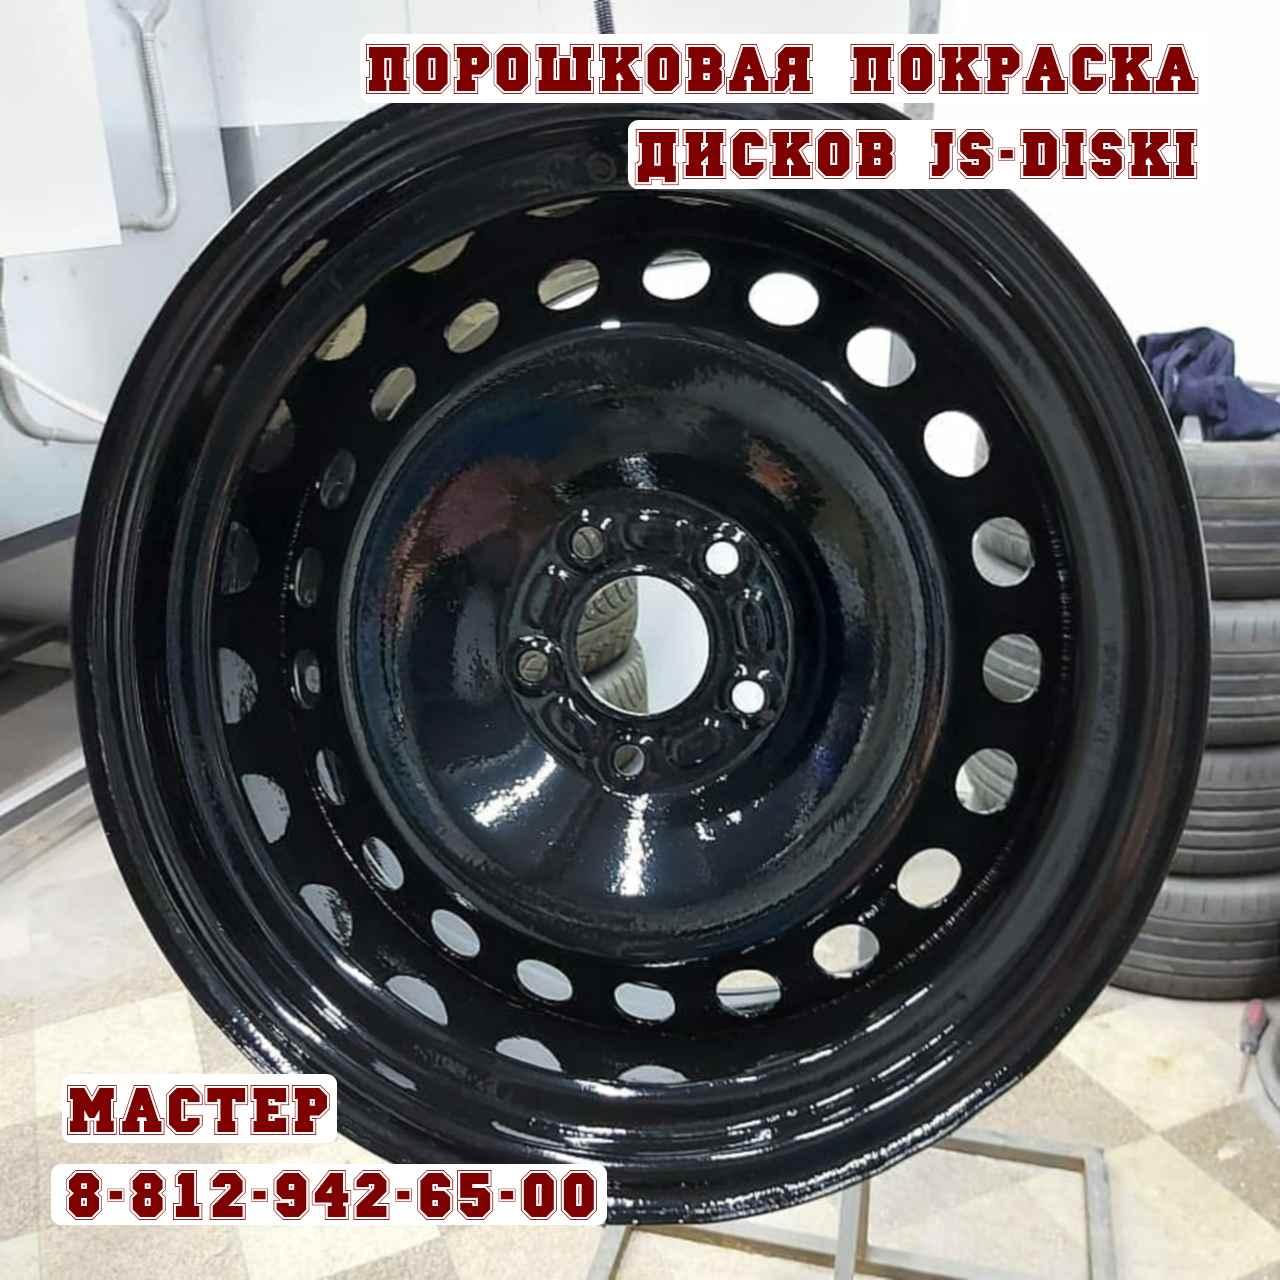 Порошковая покраска литых дисков краской в Спб 8-812-942-65-00